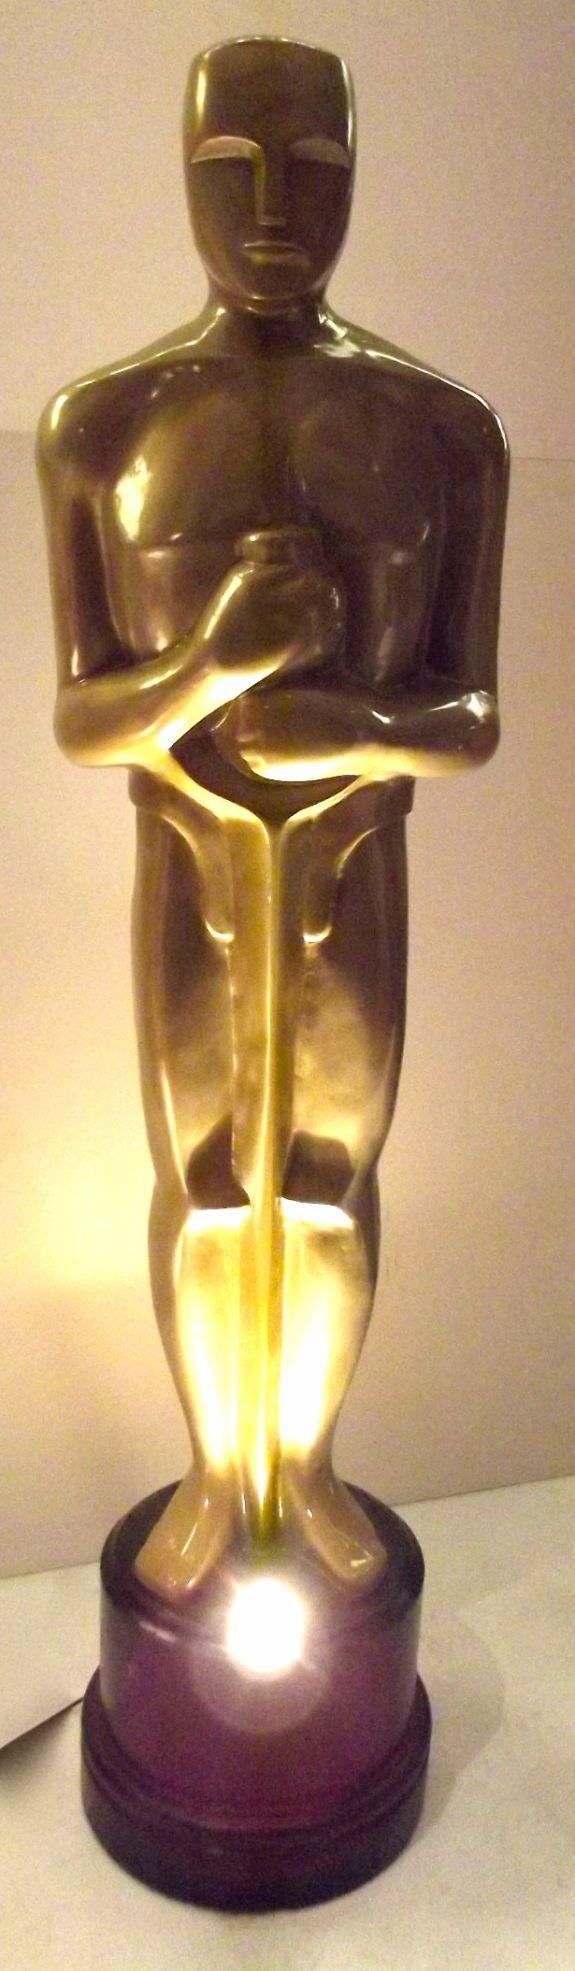 Giant 3D Oscar